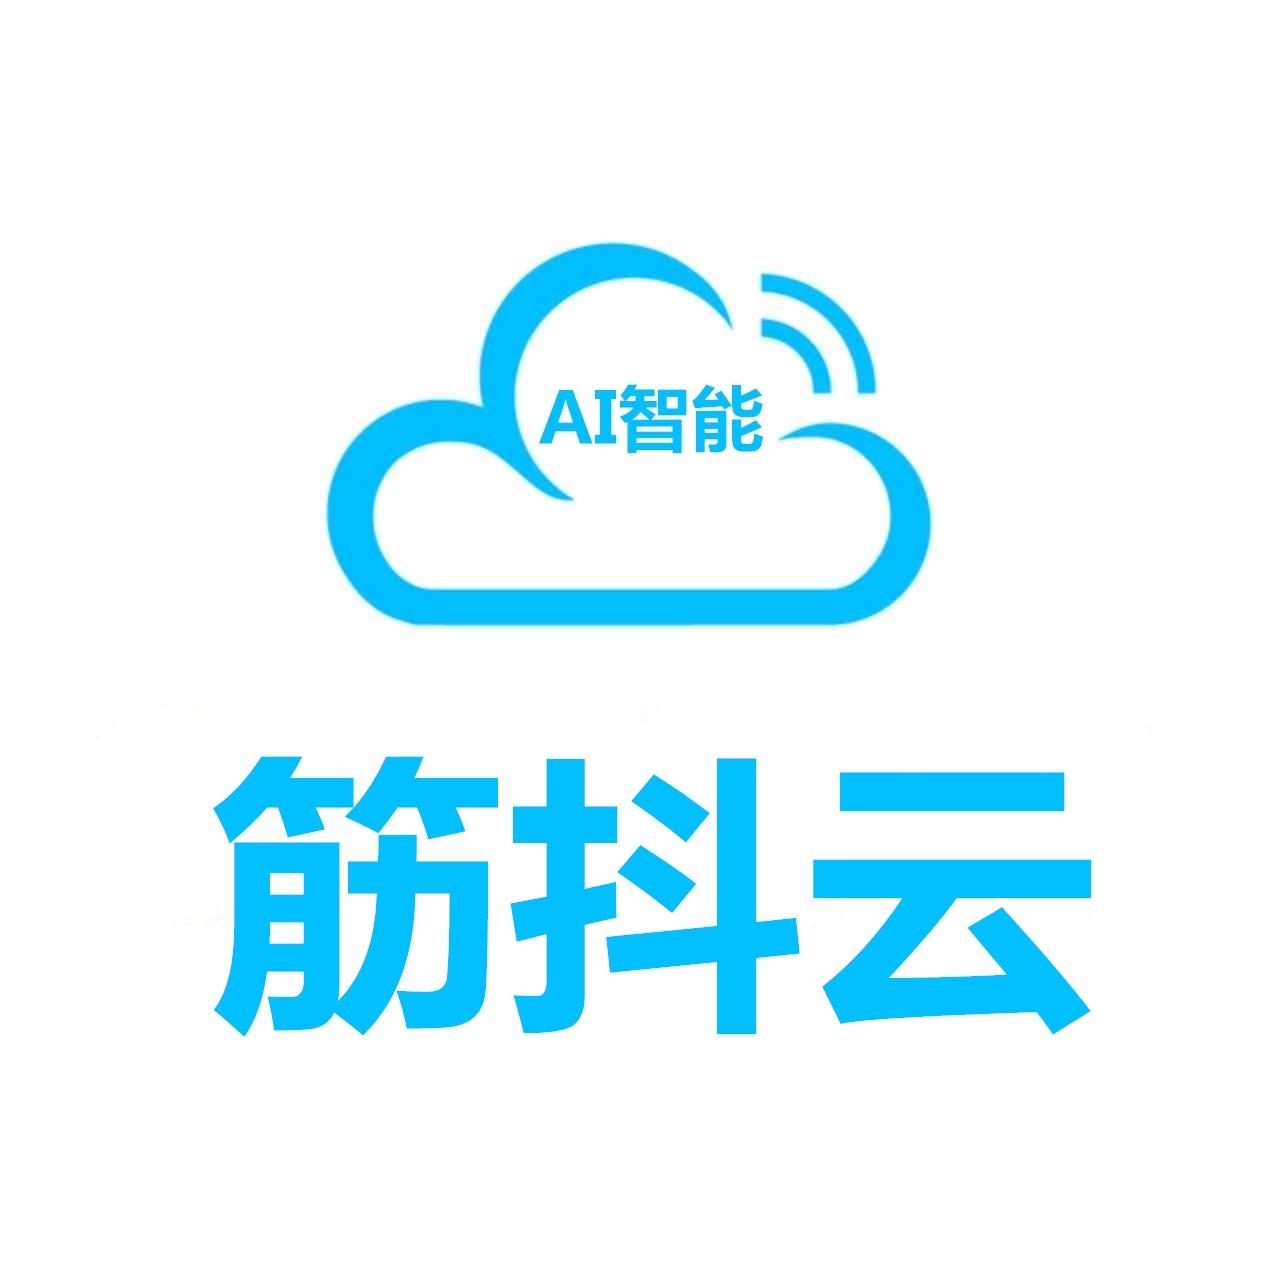 深圳市筋抖雲人工智能有限公司